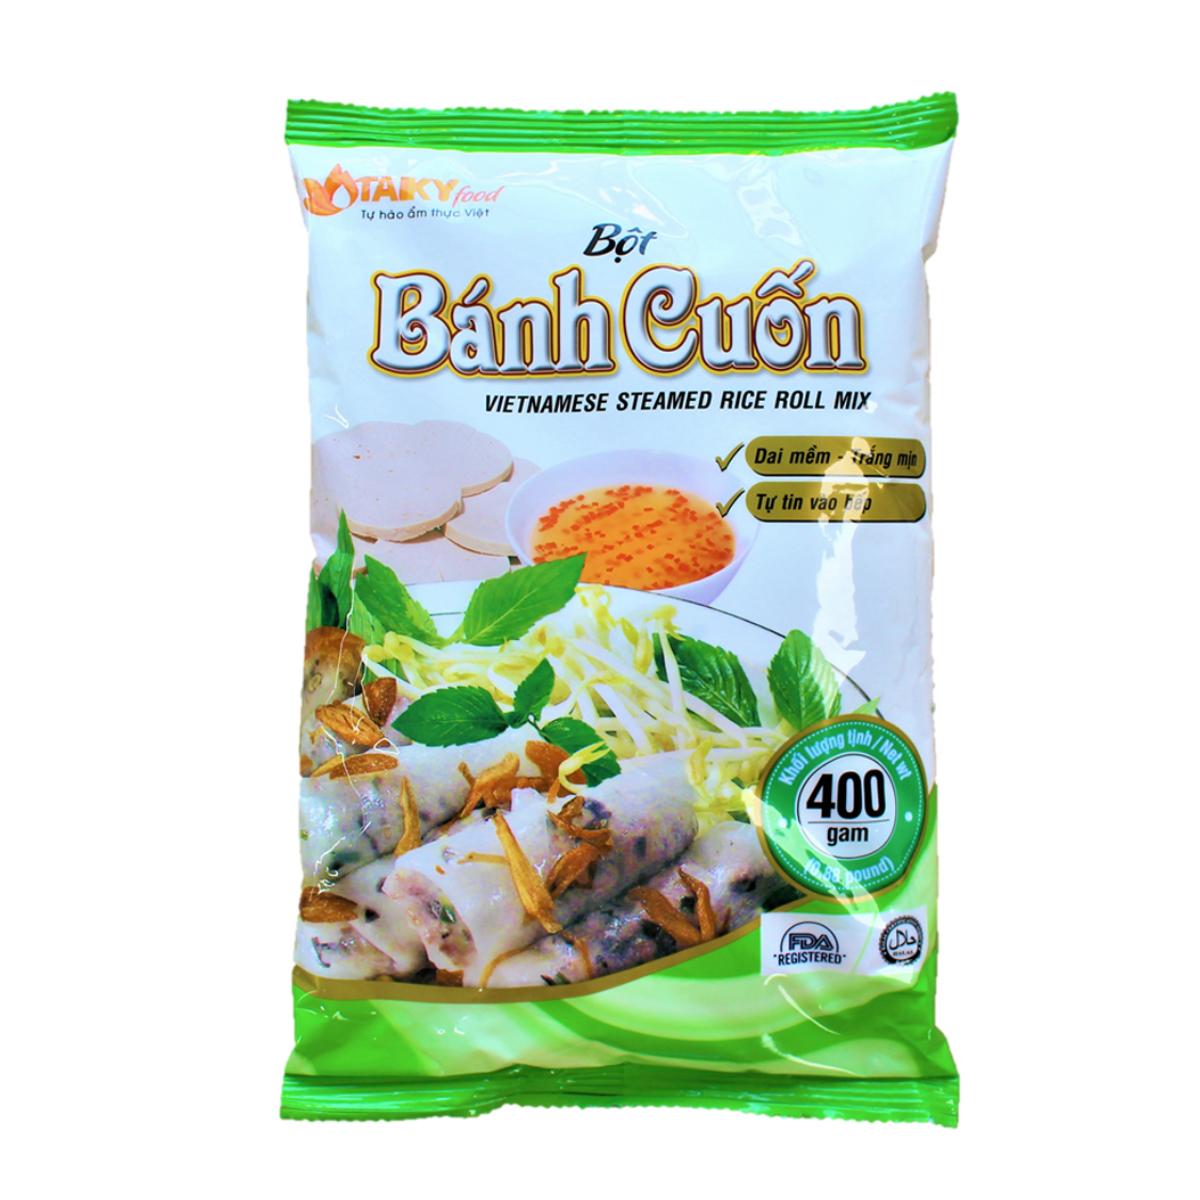 ベトナム料理がお家で楽しめます バインクオン粉 400gB?T B NH 格安SALEスタート CU?N 豊富な品 gam ベトナム 400 ? 調味用ミックス粉